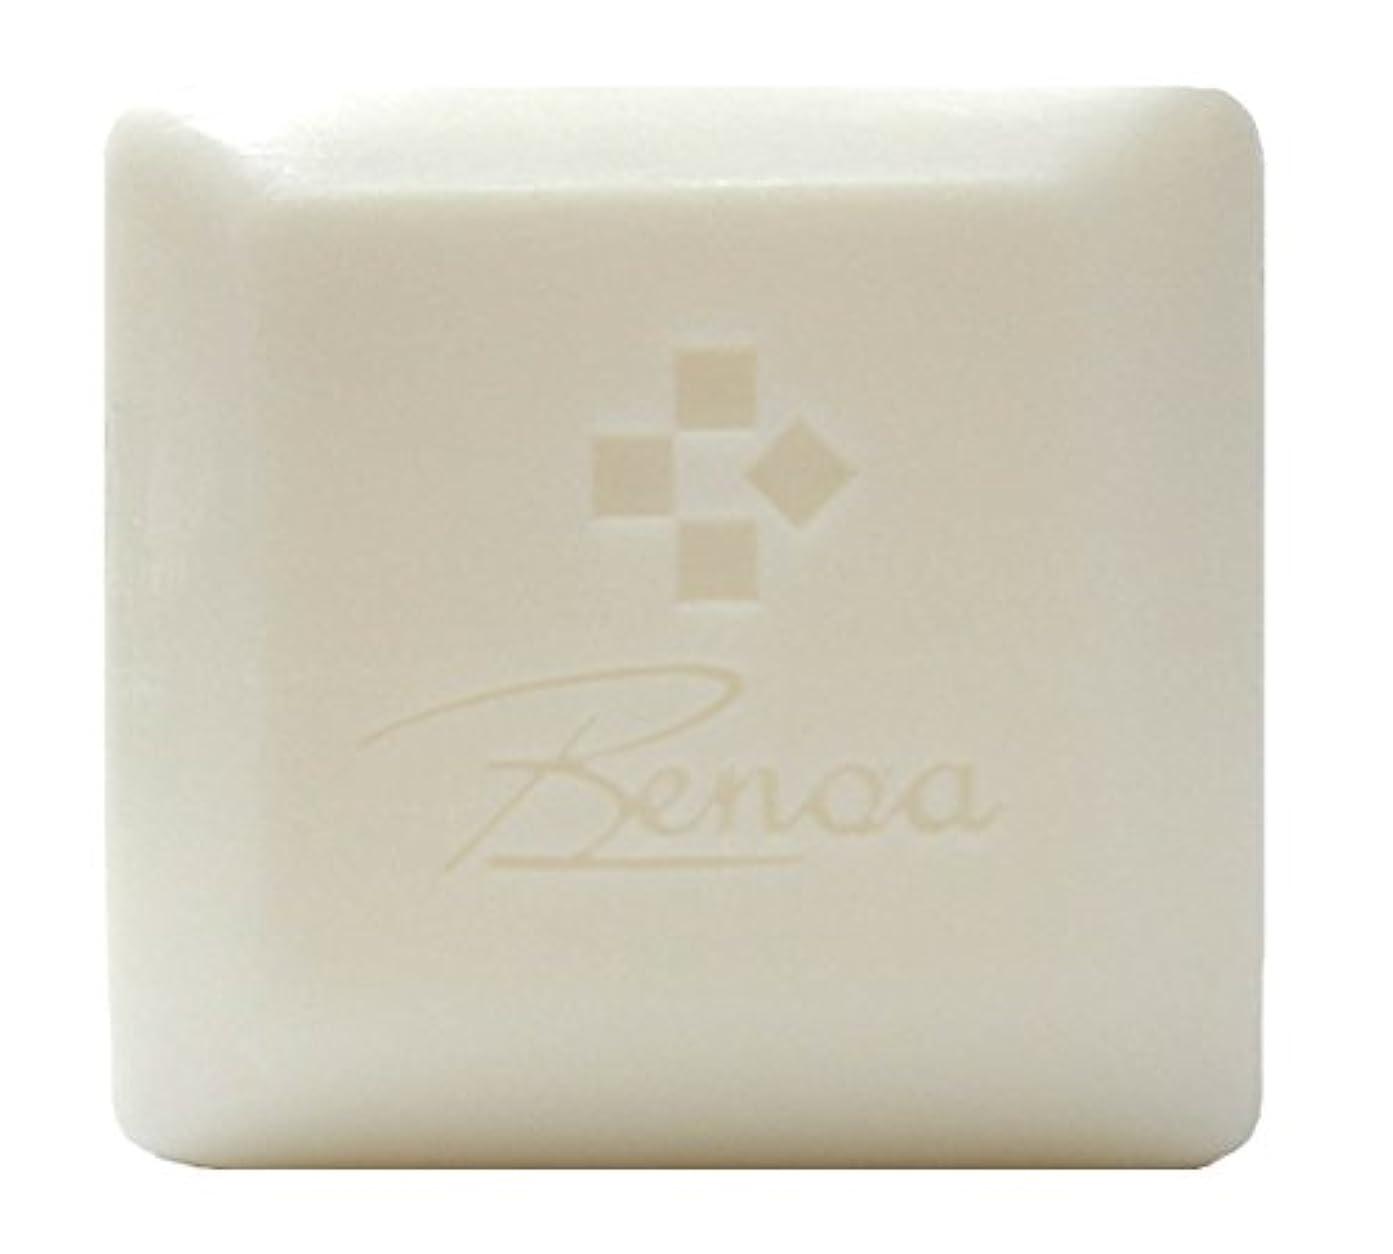 ひらめき地理関与するBenoa【ベノア】ベノア?ジァパン コラーゲンソープ【石鹸】